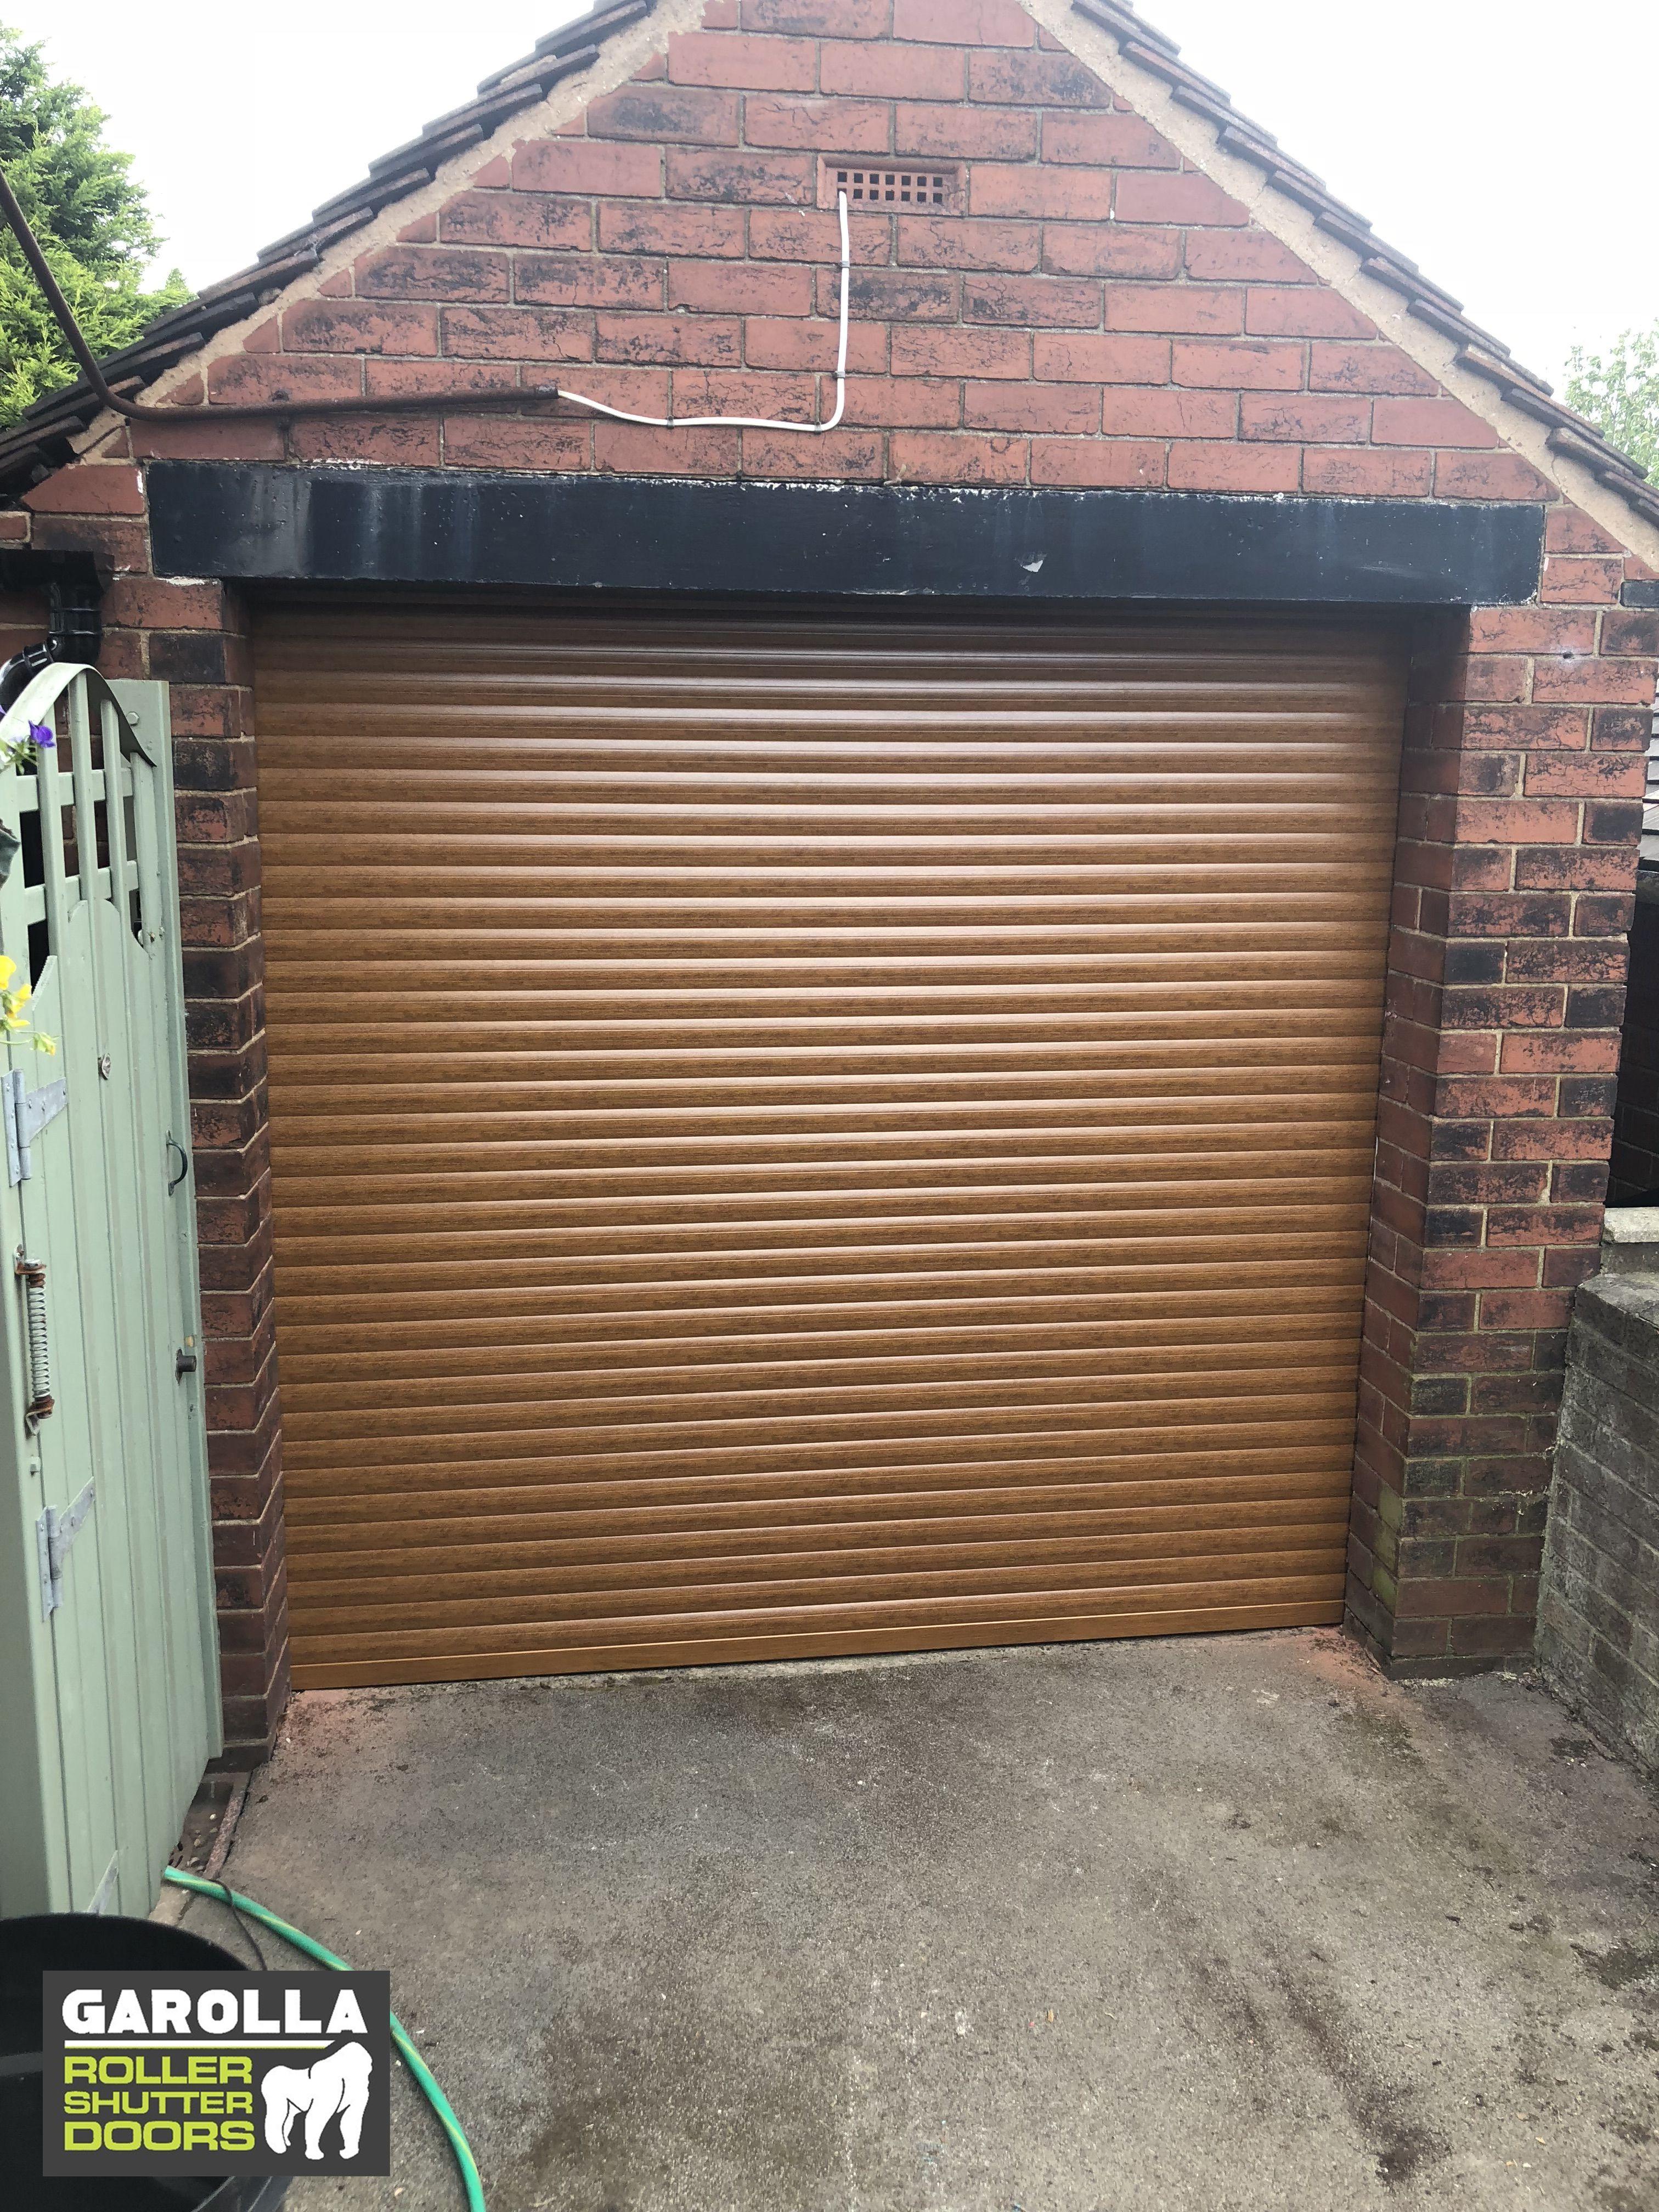 Roller Shutter Garage Doors (With images) Garage door